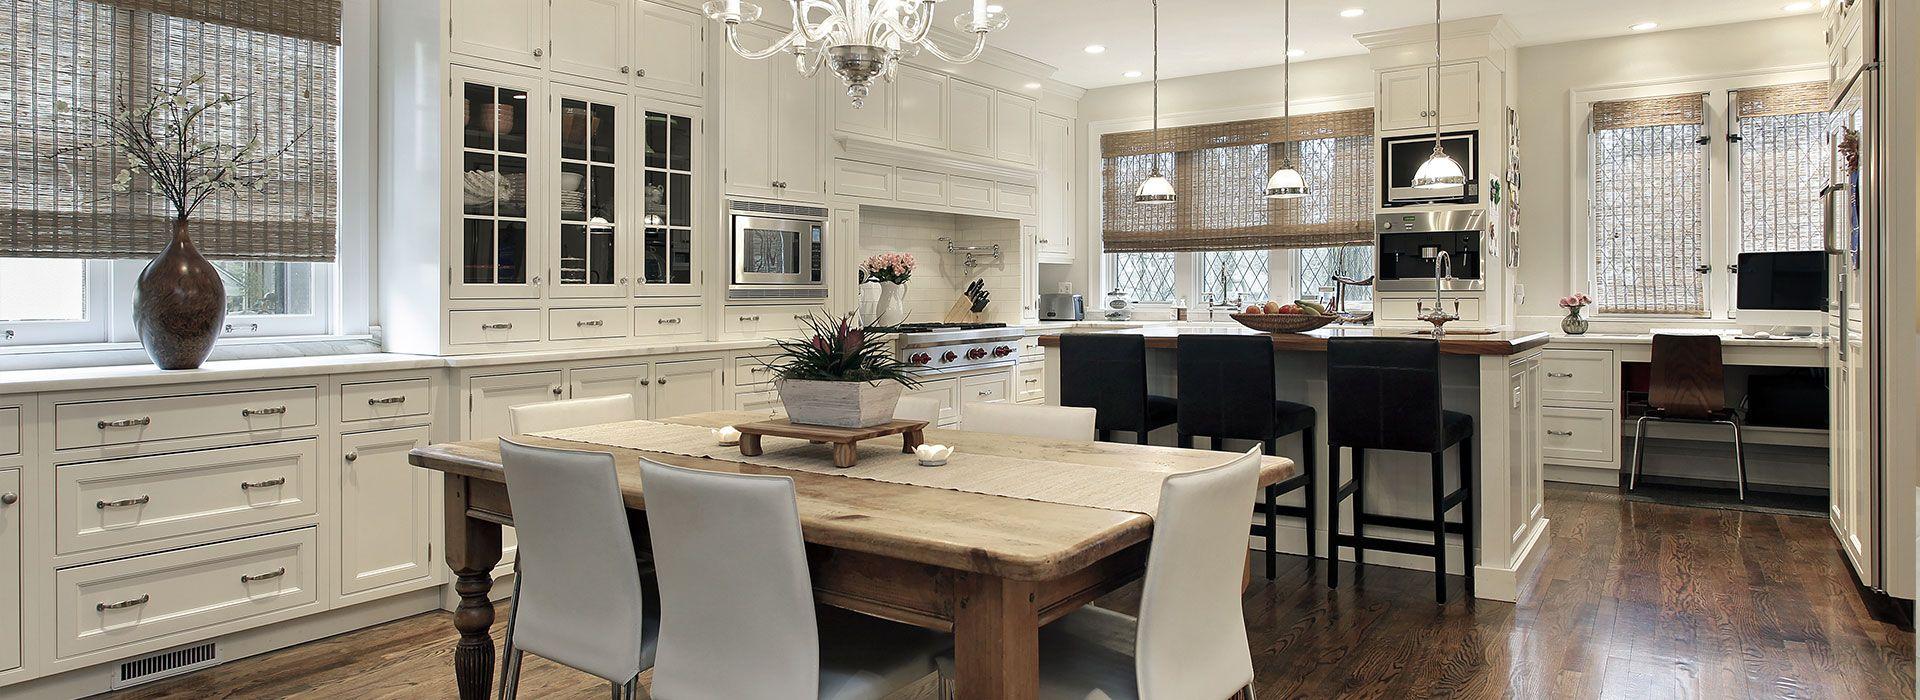 Light Bright Kitchen Light Island With Dark Top Luxury Kitchen Design Kitchen Remodel Small Home Kitchens